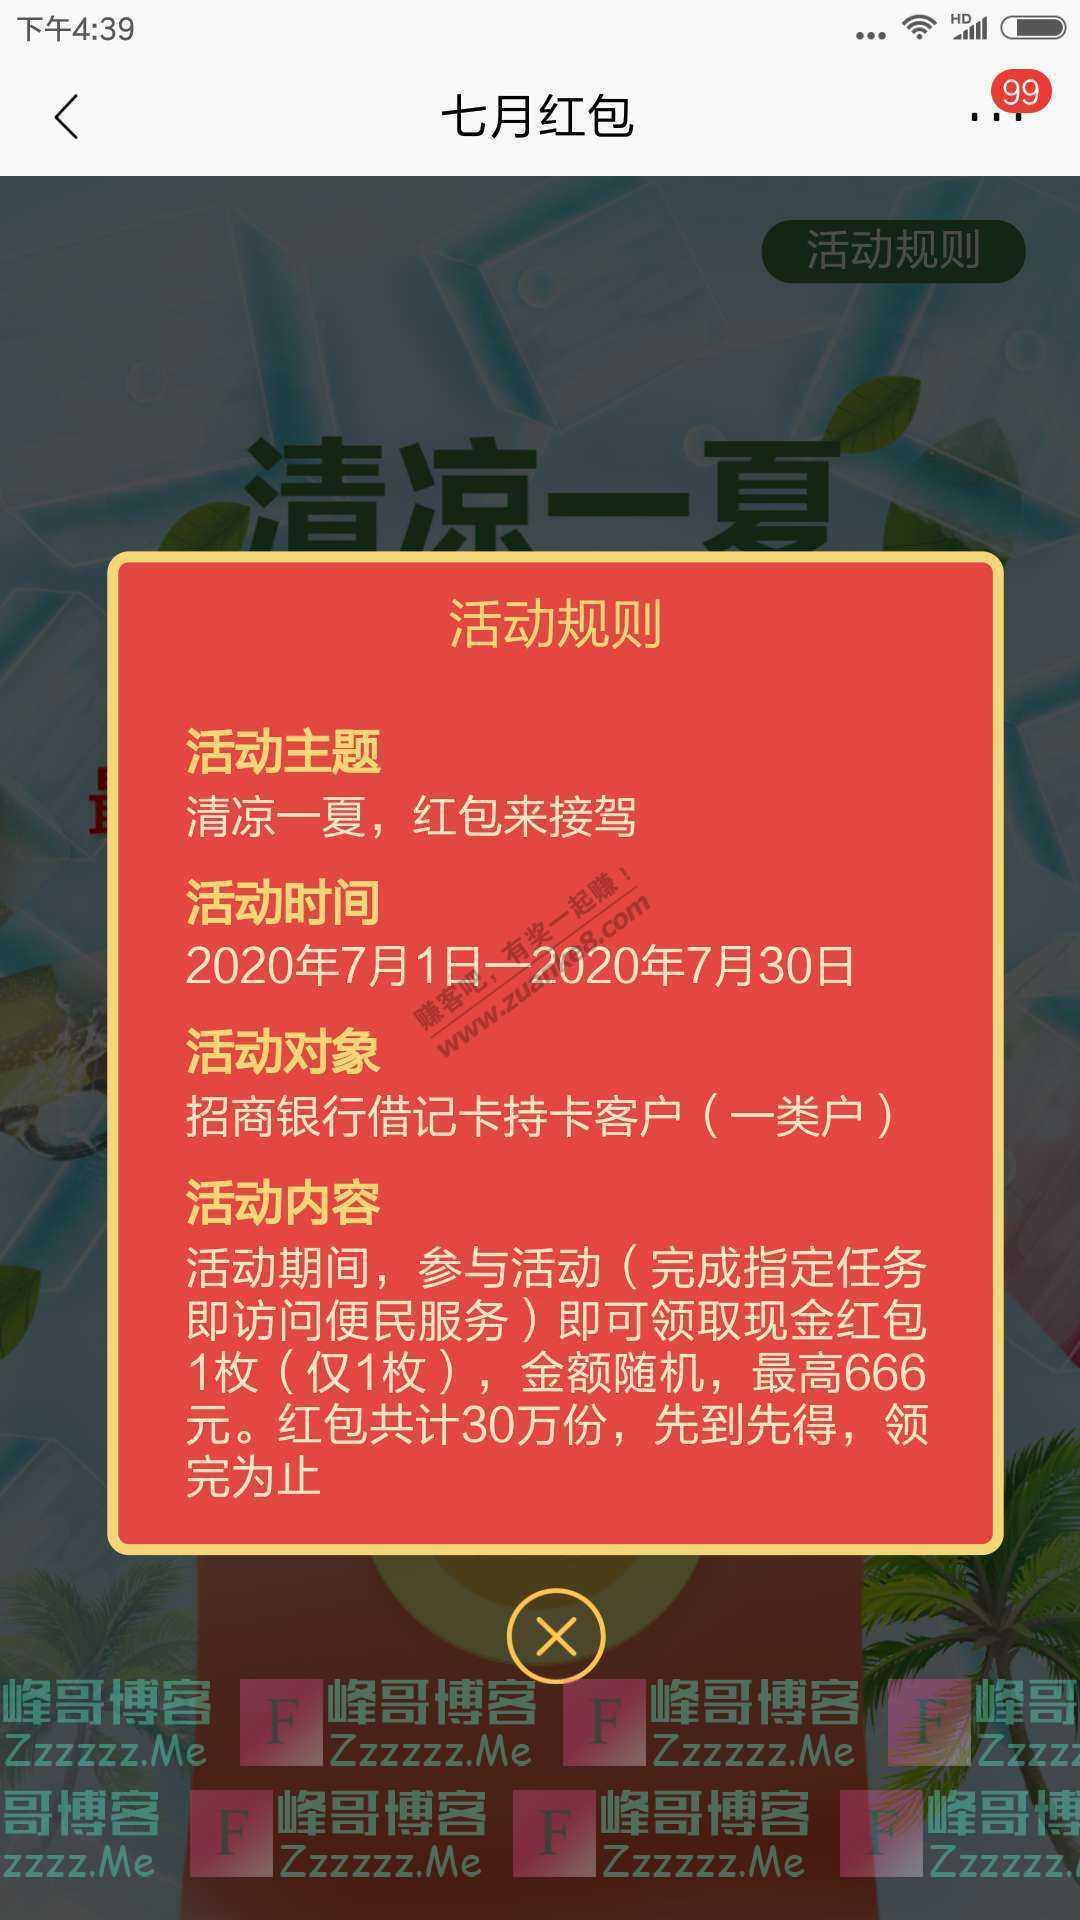 招商银行app清凉一夏 红包来接驾(截止7月31日)